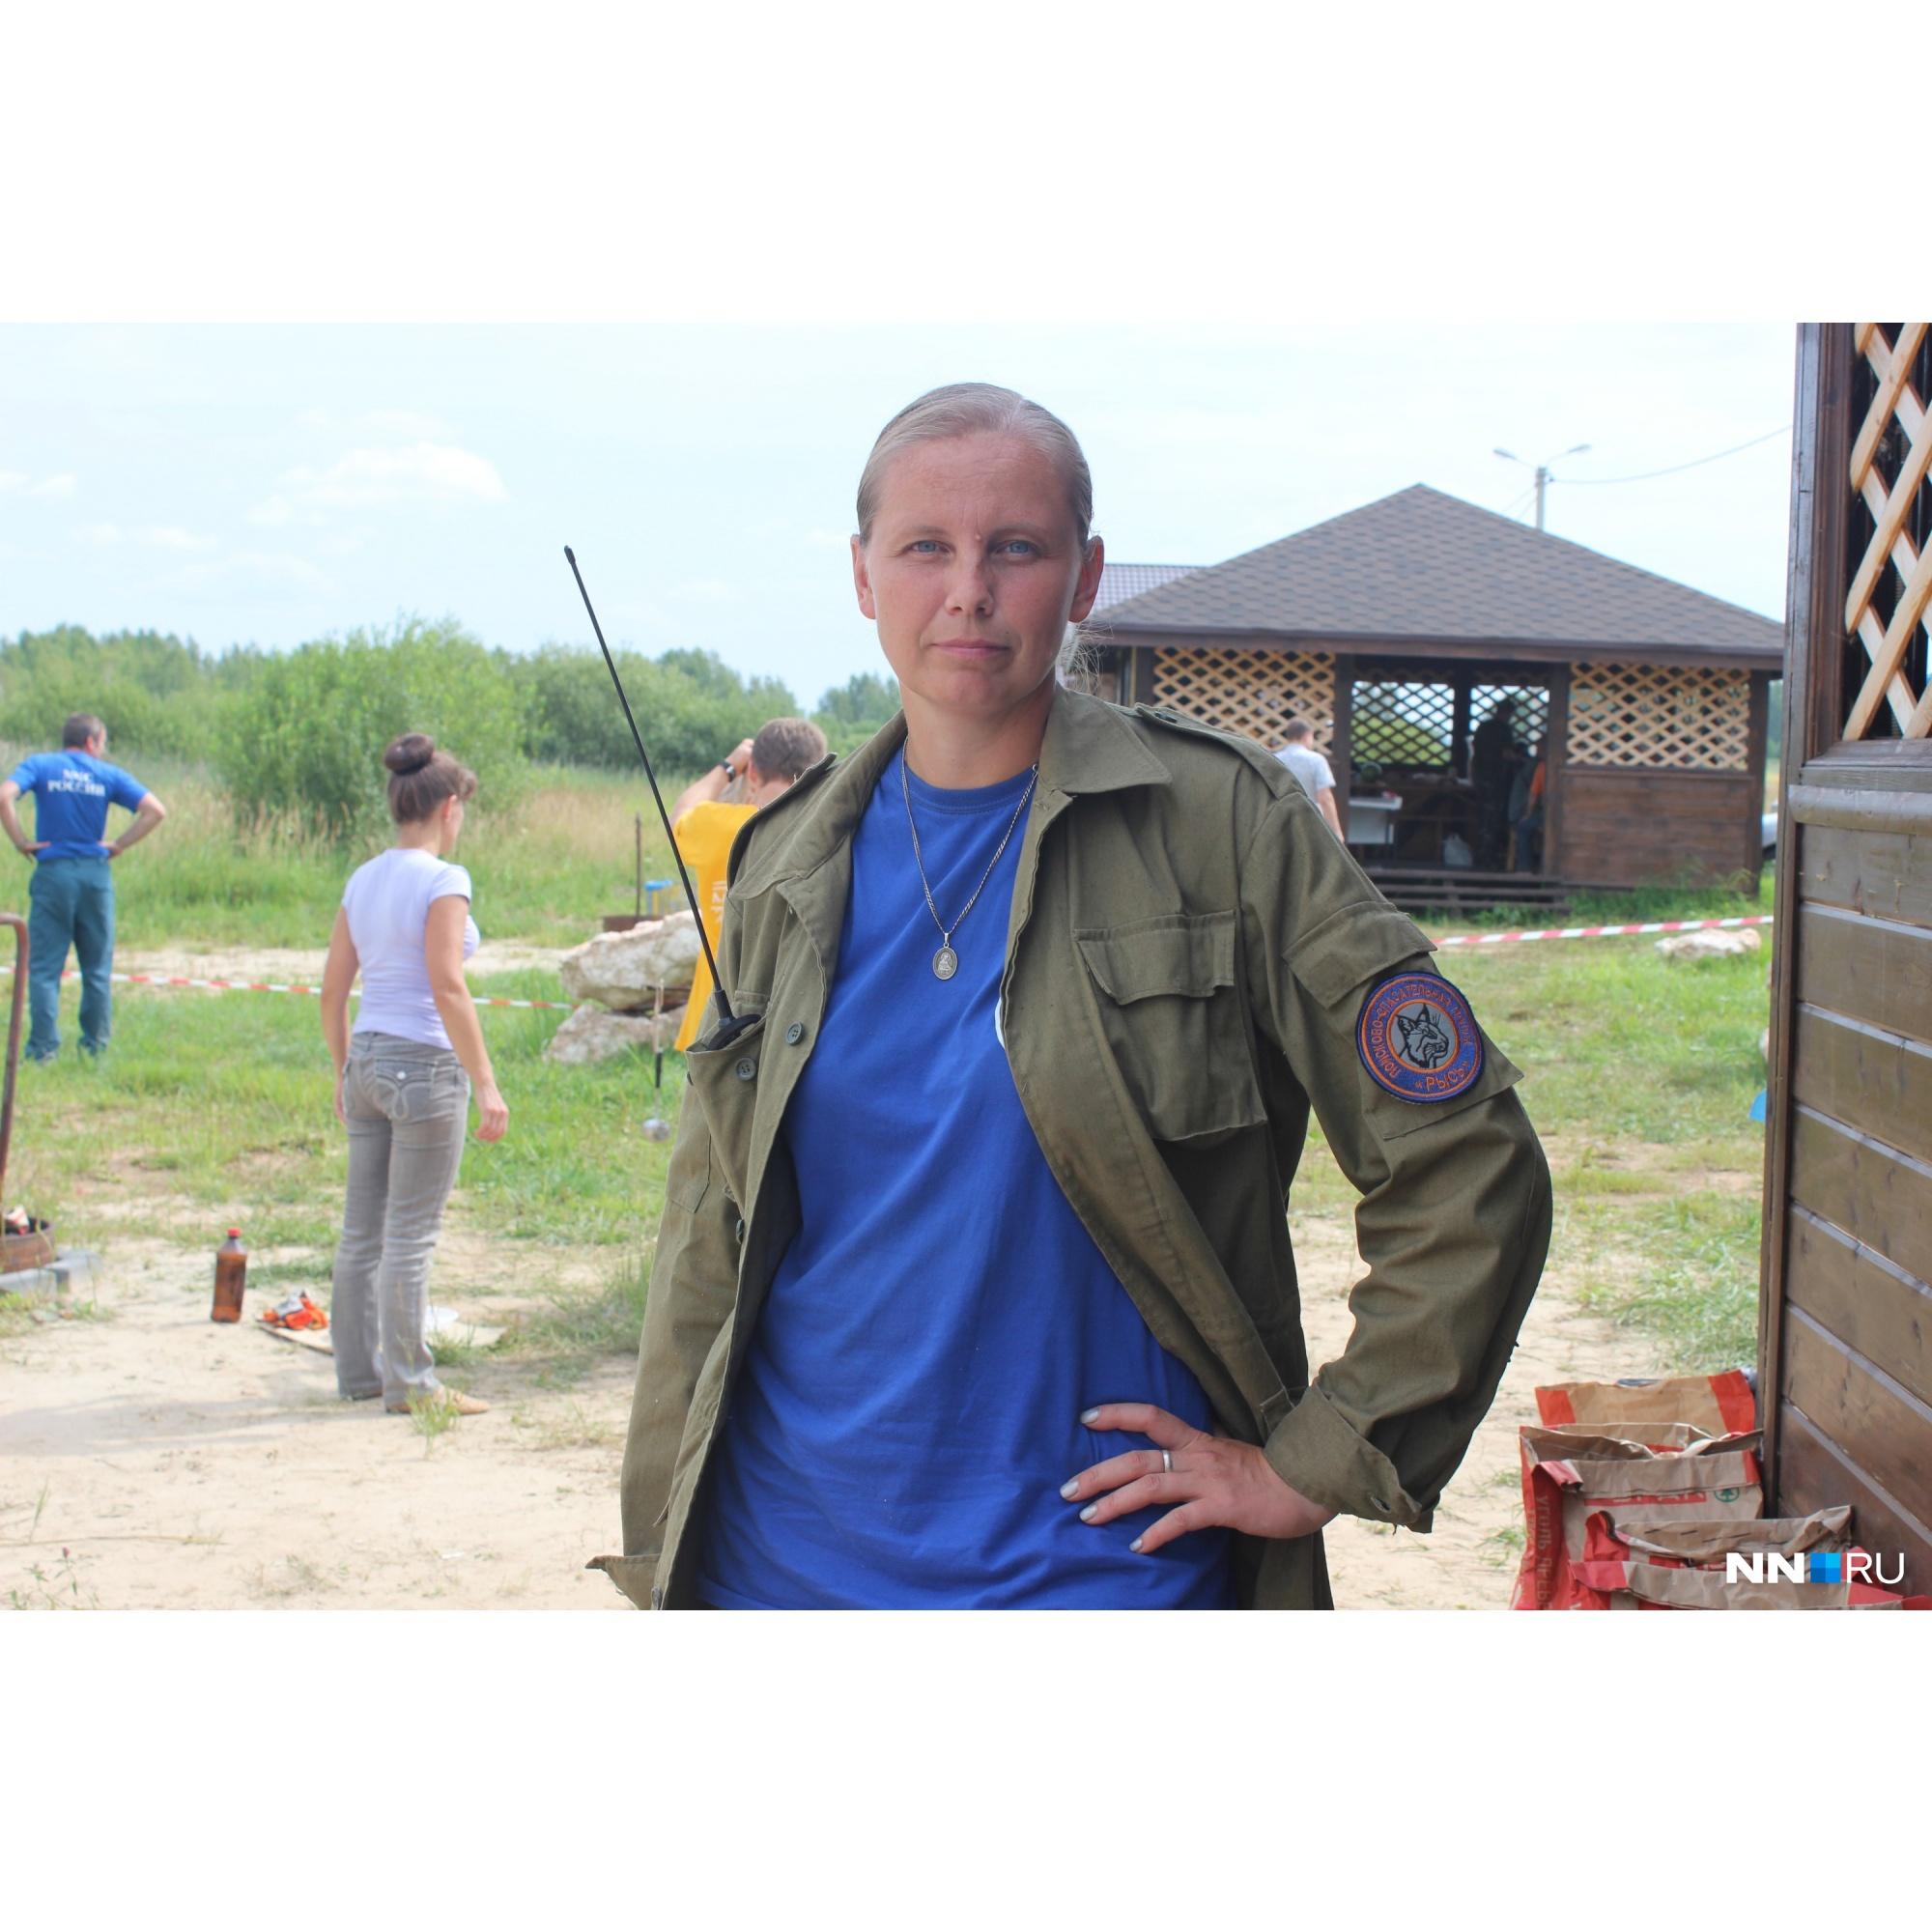 Психолог группы «Рысь» Елена Дрягалова